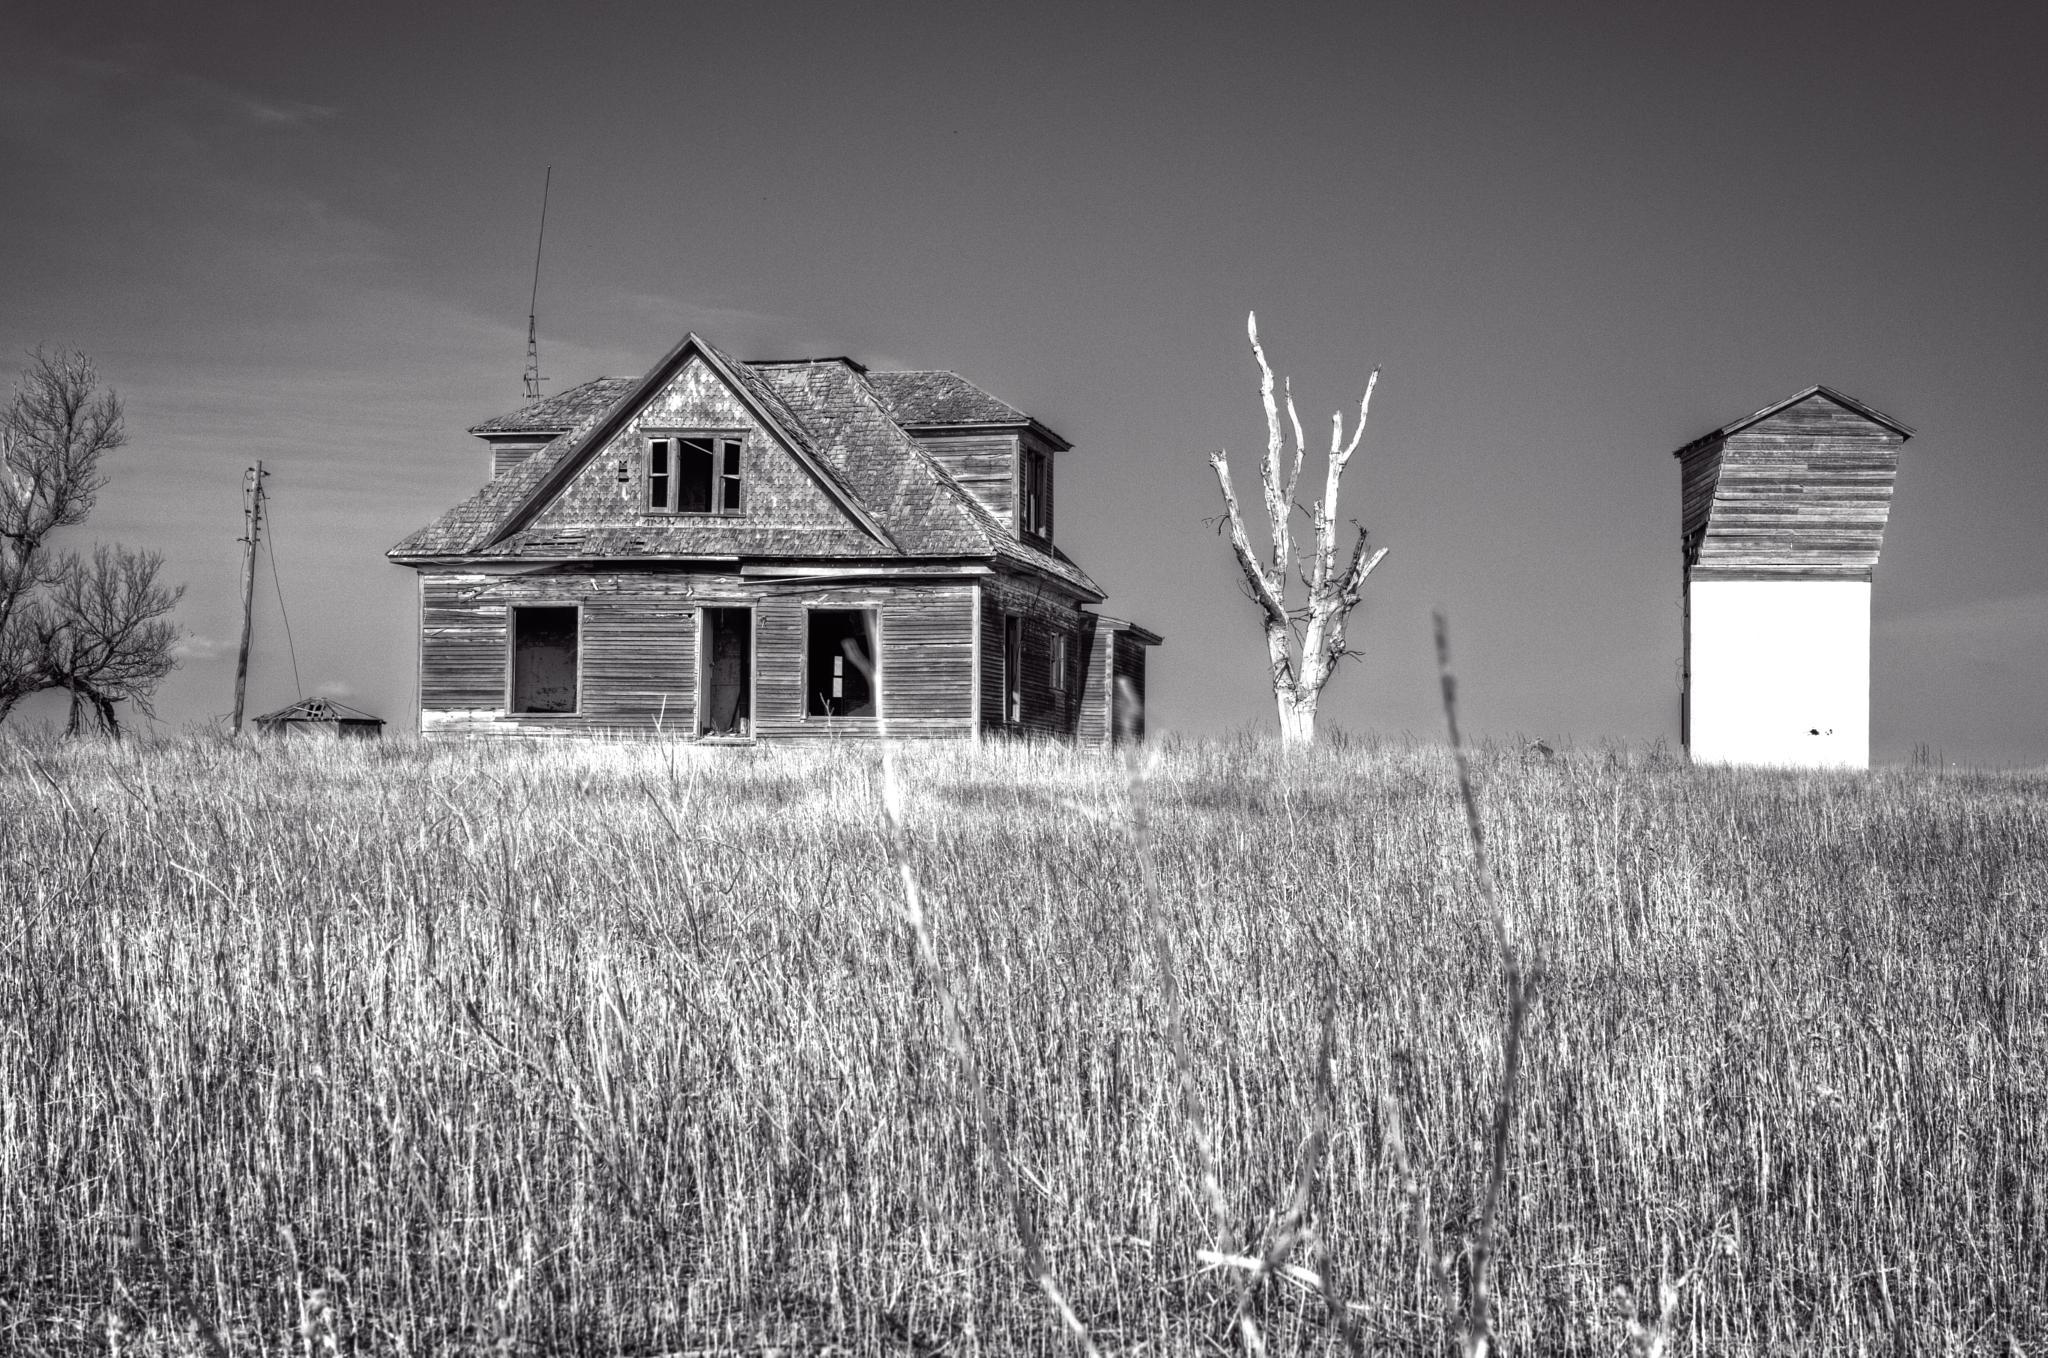 Deserted by Jim Talbert